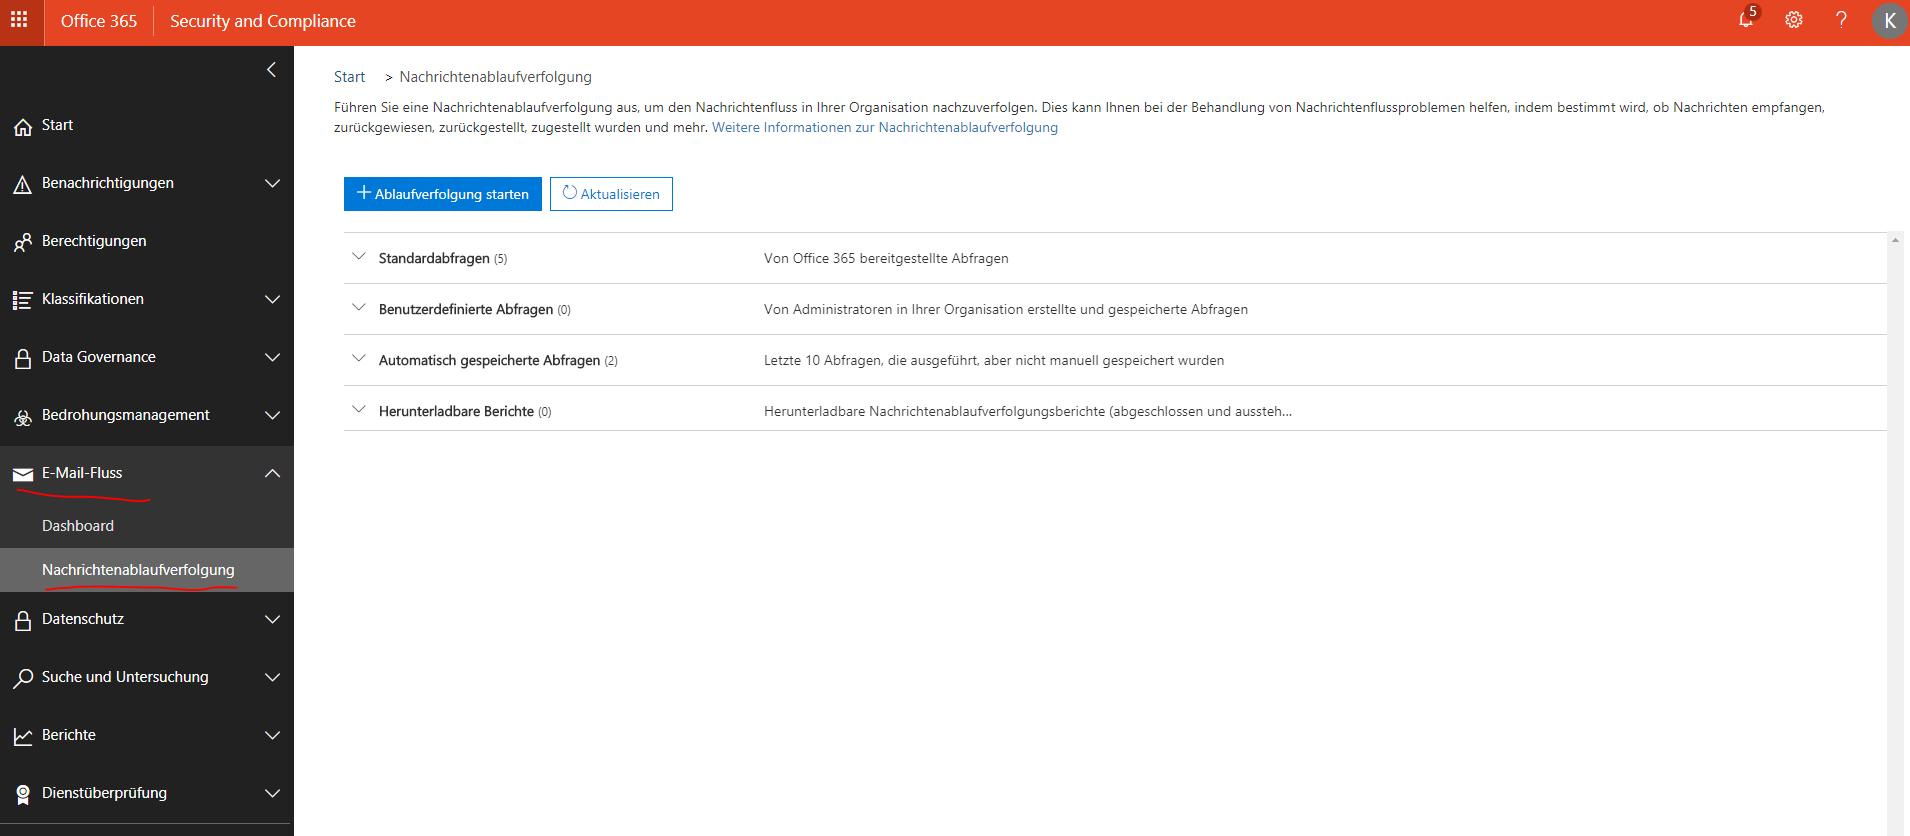 Office 365 exchange online nachrichtenablaufverfolgung e mail protokoll gesendet empfangen - Office 365 exchange online ...